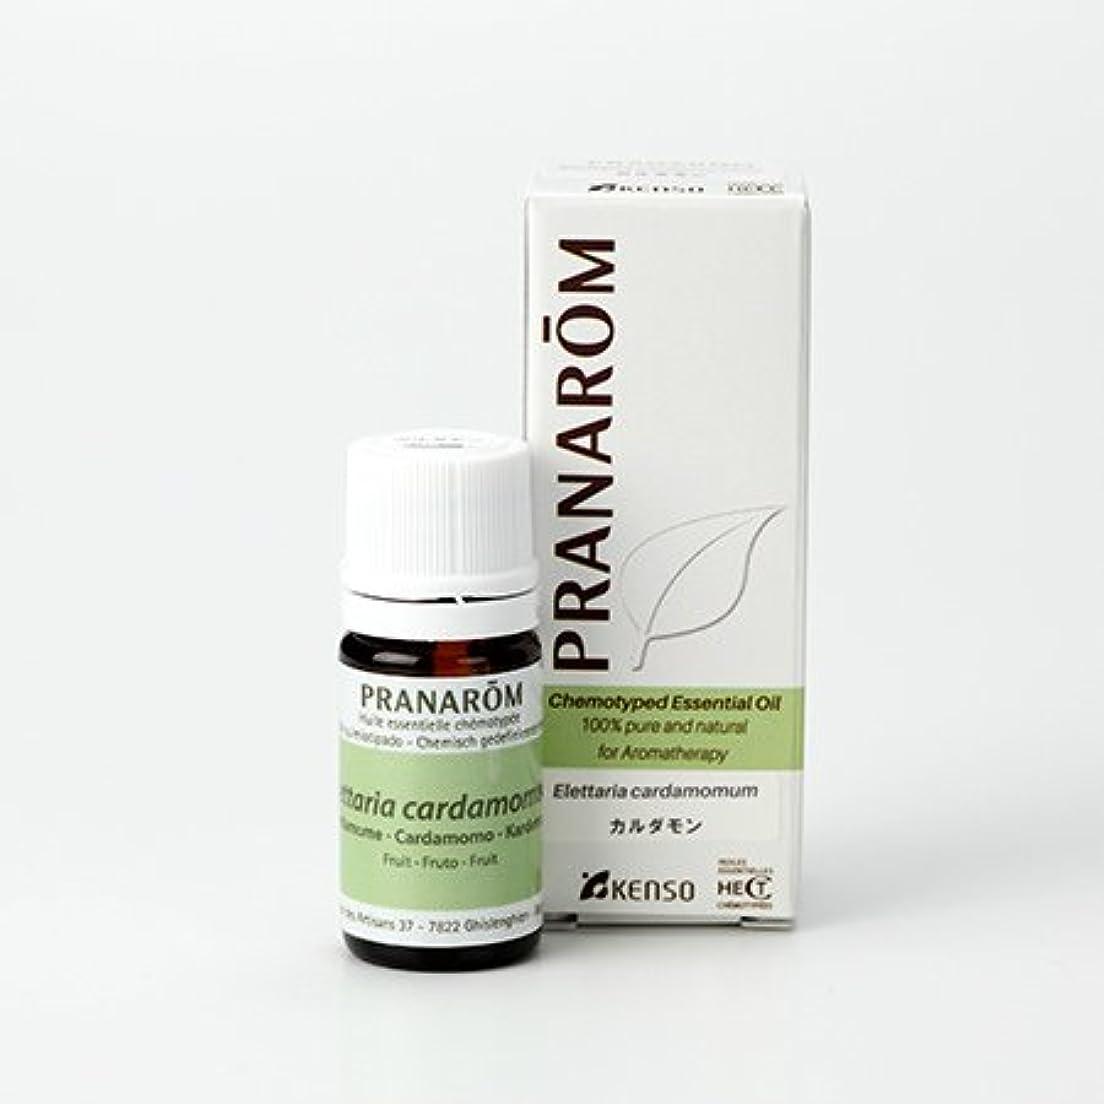 アプトメタルライン著作権プラナロム カルダモン 5ml (PRANAROM ケモタイプ精油)